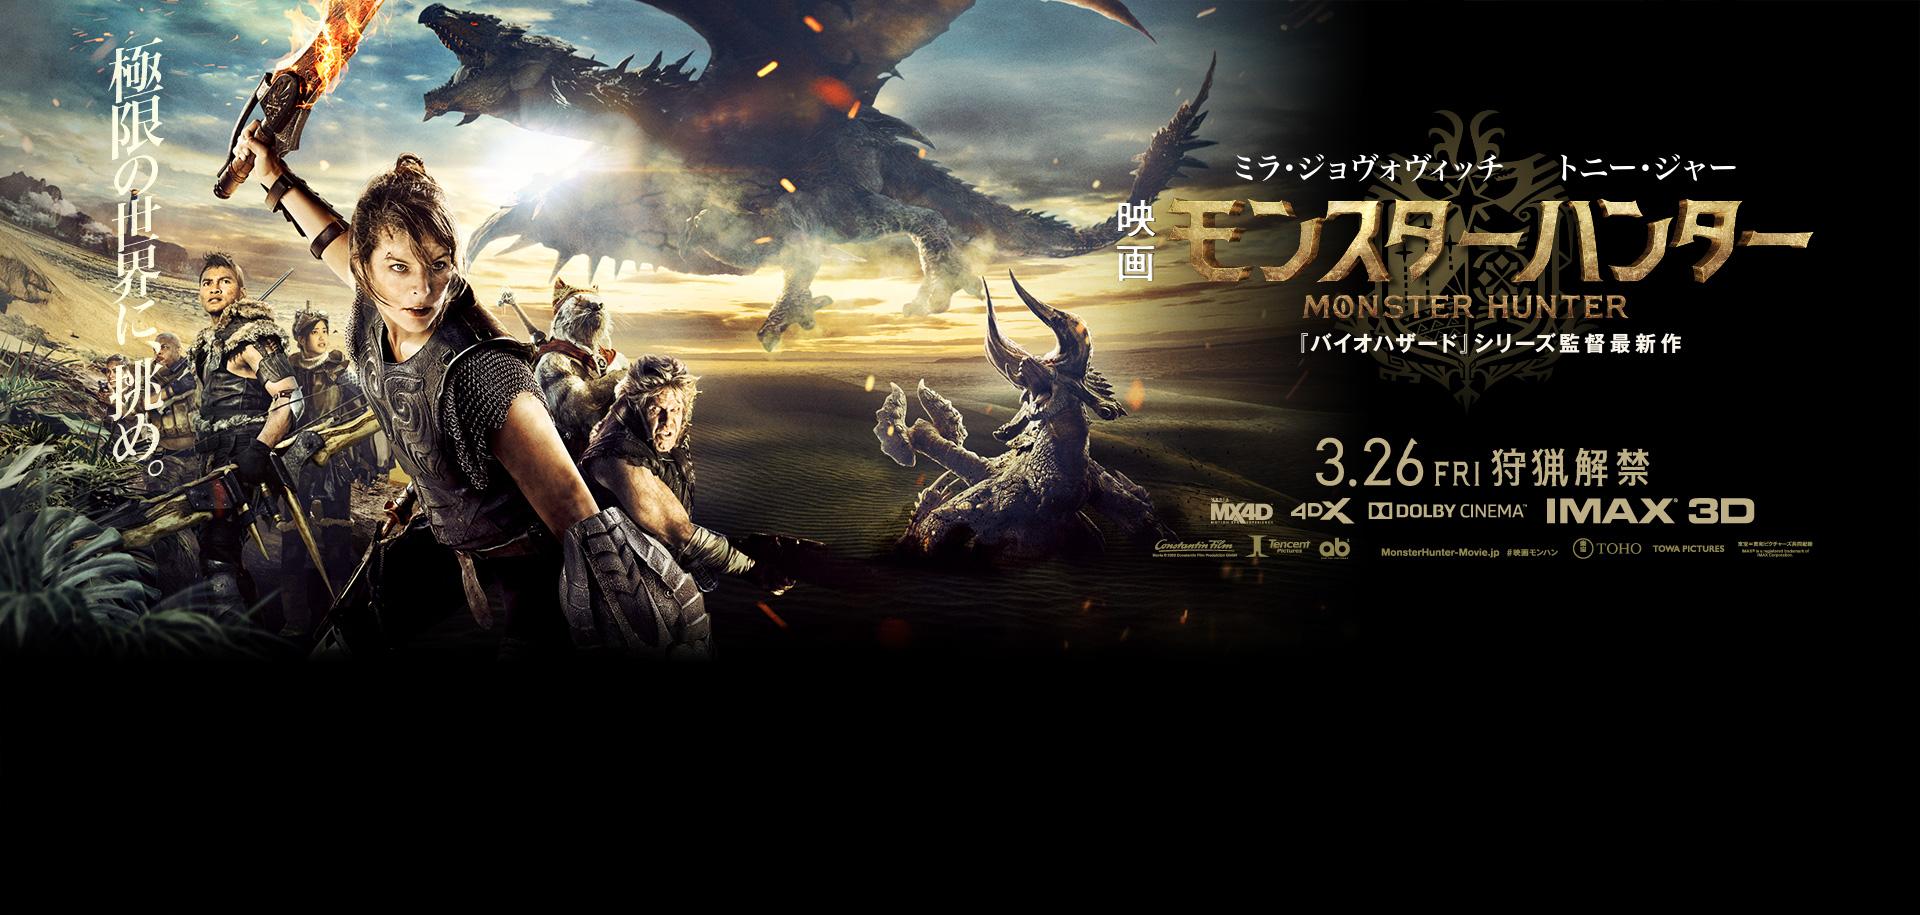 『映画 モンスターハンター』3.26狩猟解禁